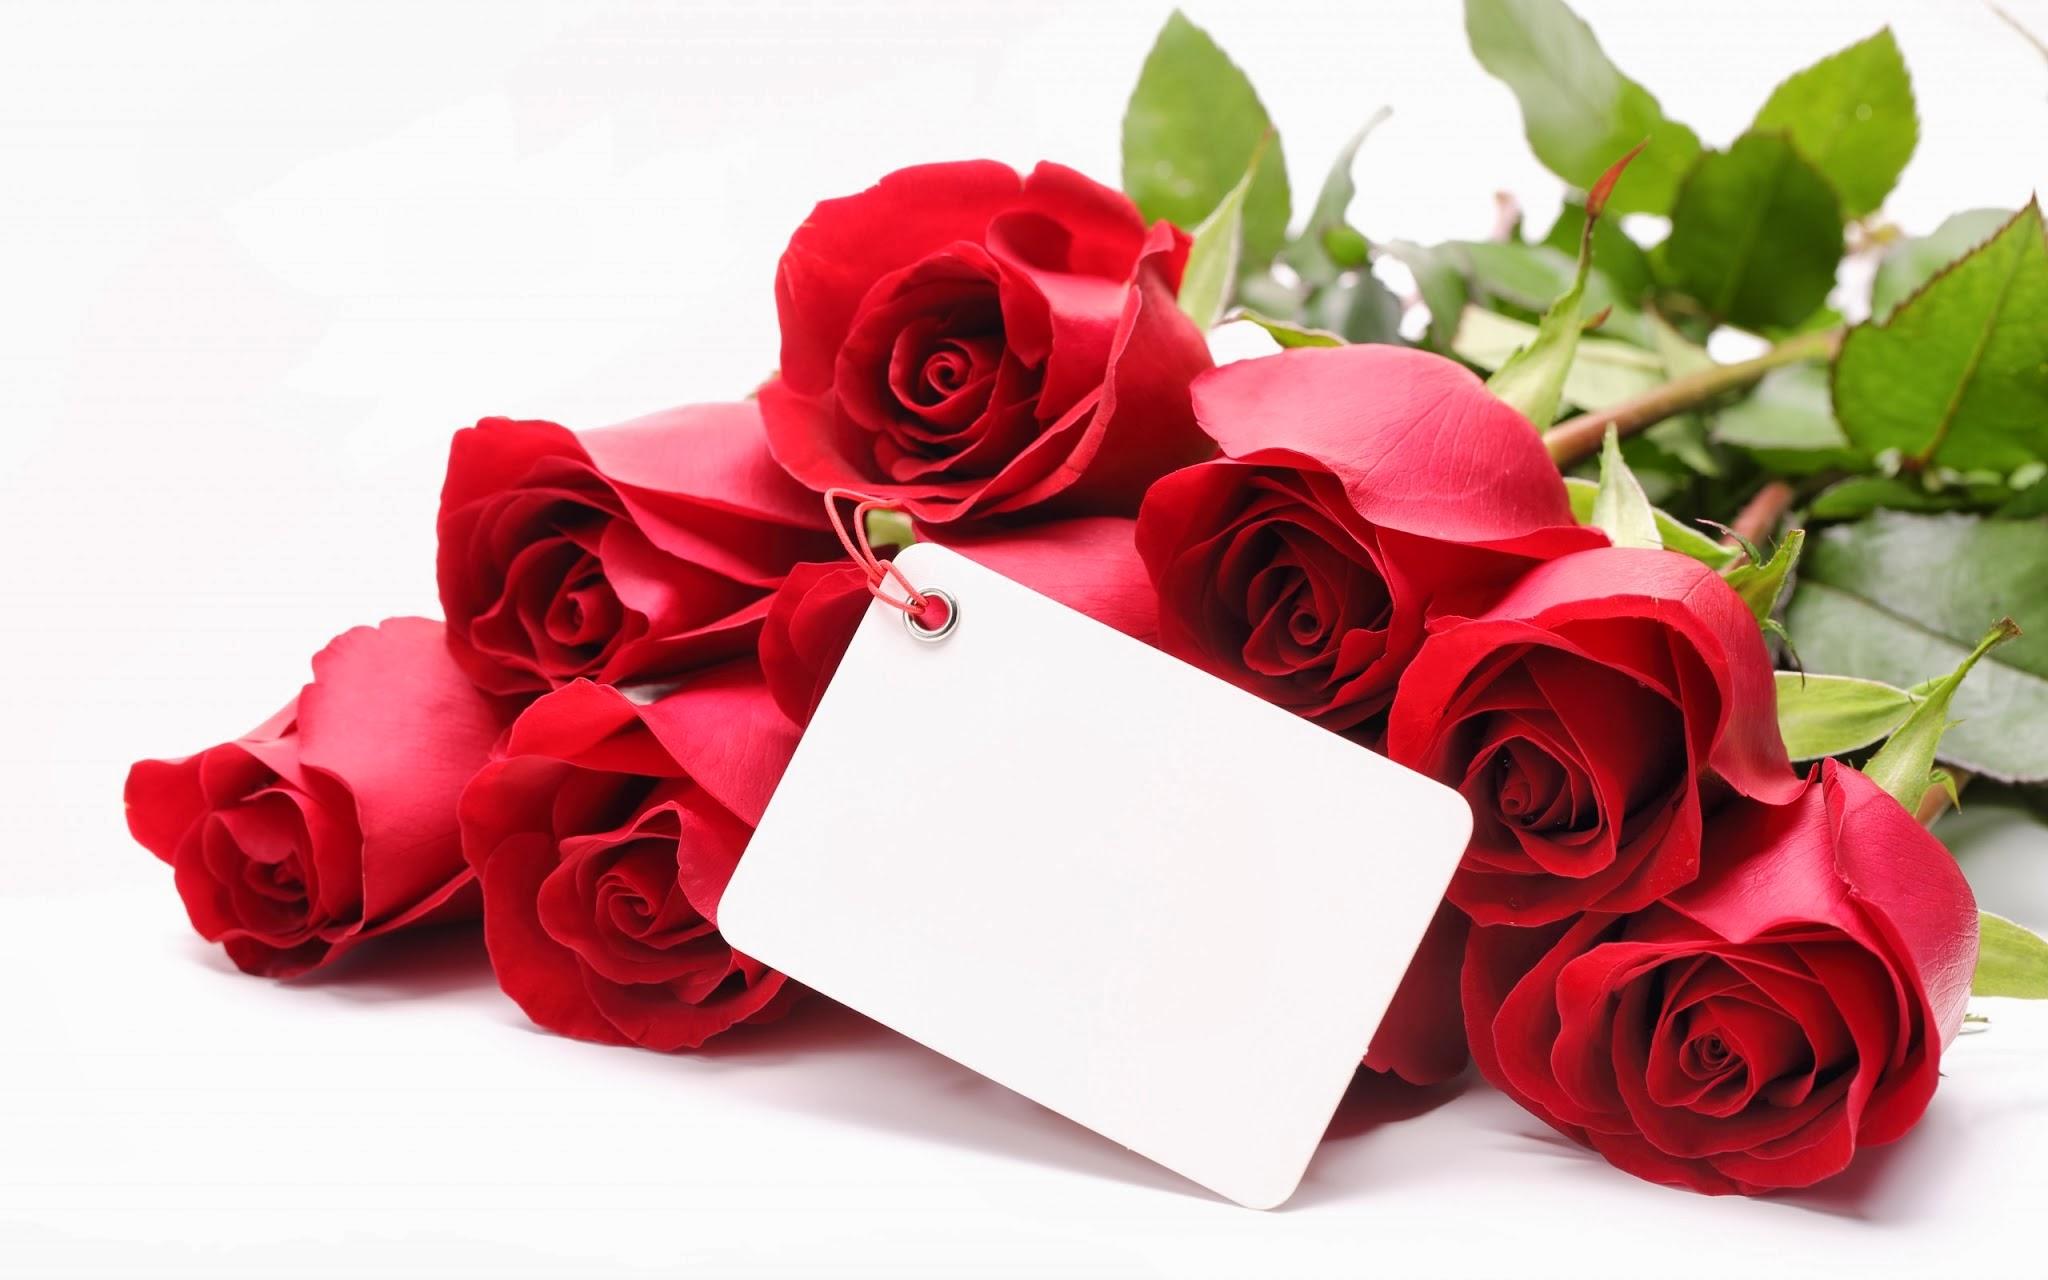 Ramo De Flores Imagenes - 7 imagenes de regalos de rosas rojas y frases tiernas para